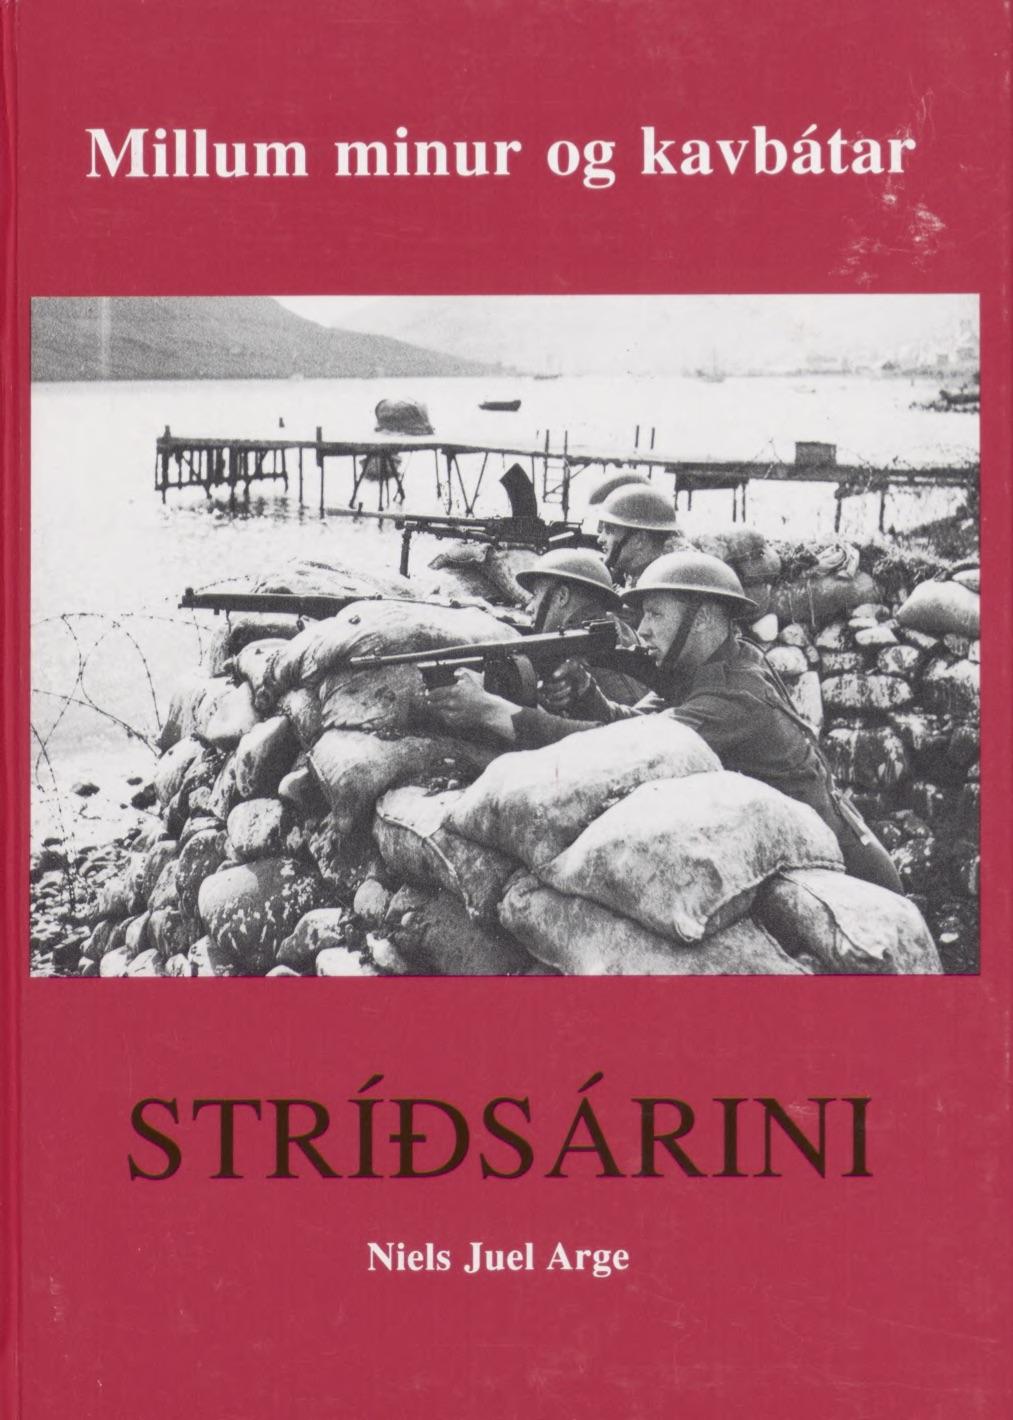 Stríðsárini 4 - Millum minur og kavbátar